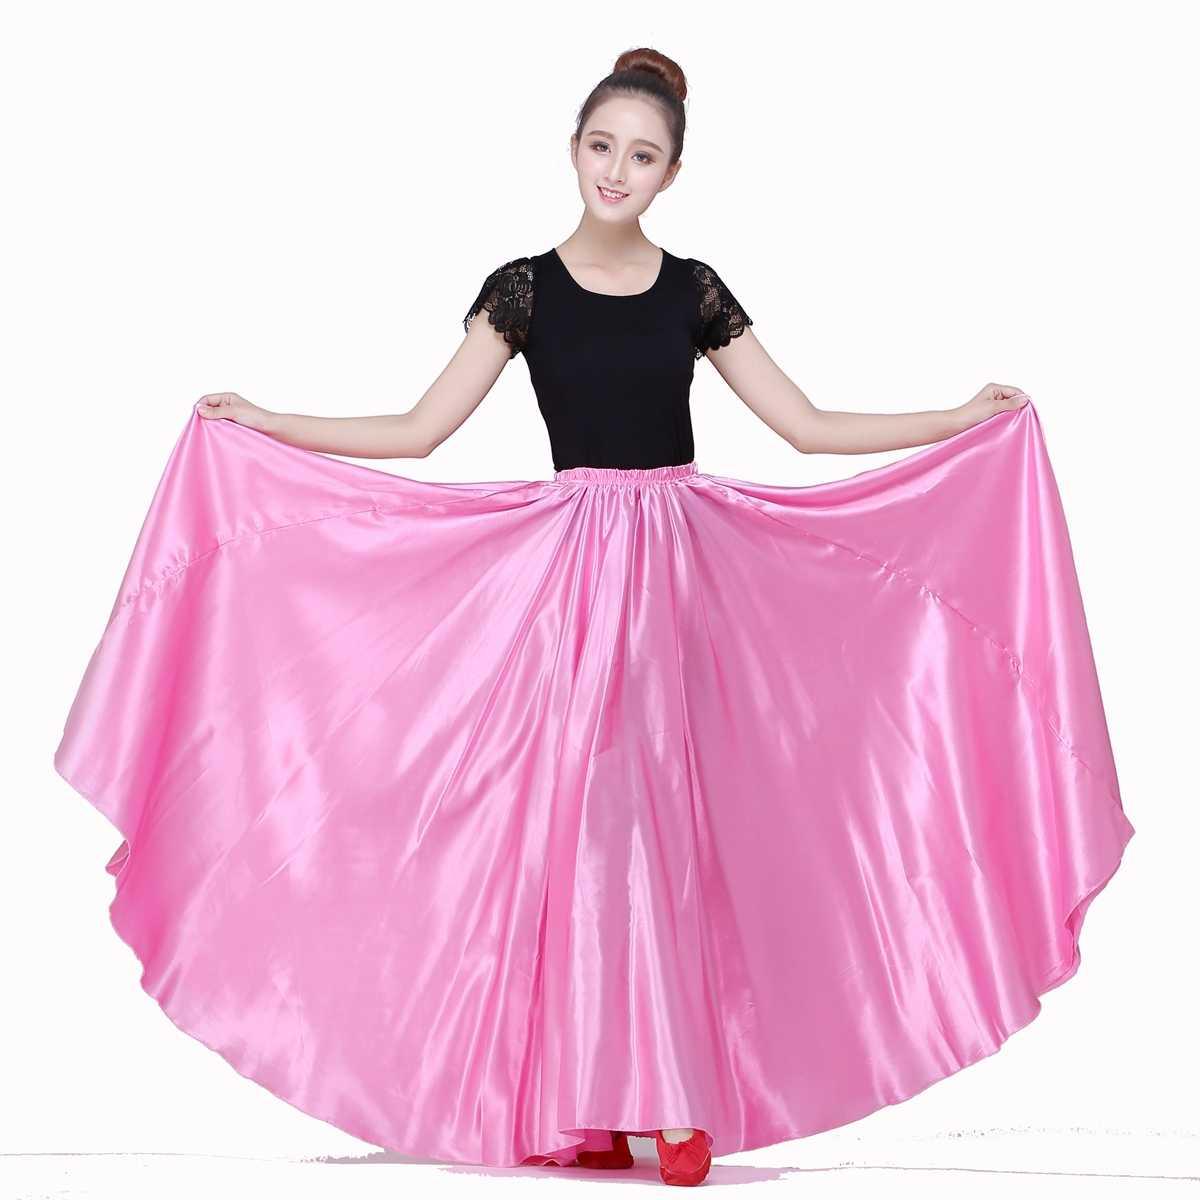 Jupe Flamenco jupe de danse du ventre vêtements espagnols Costumes de danse espagnole pour les femmes haut et jupe 540 degrés livraison directe